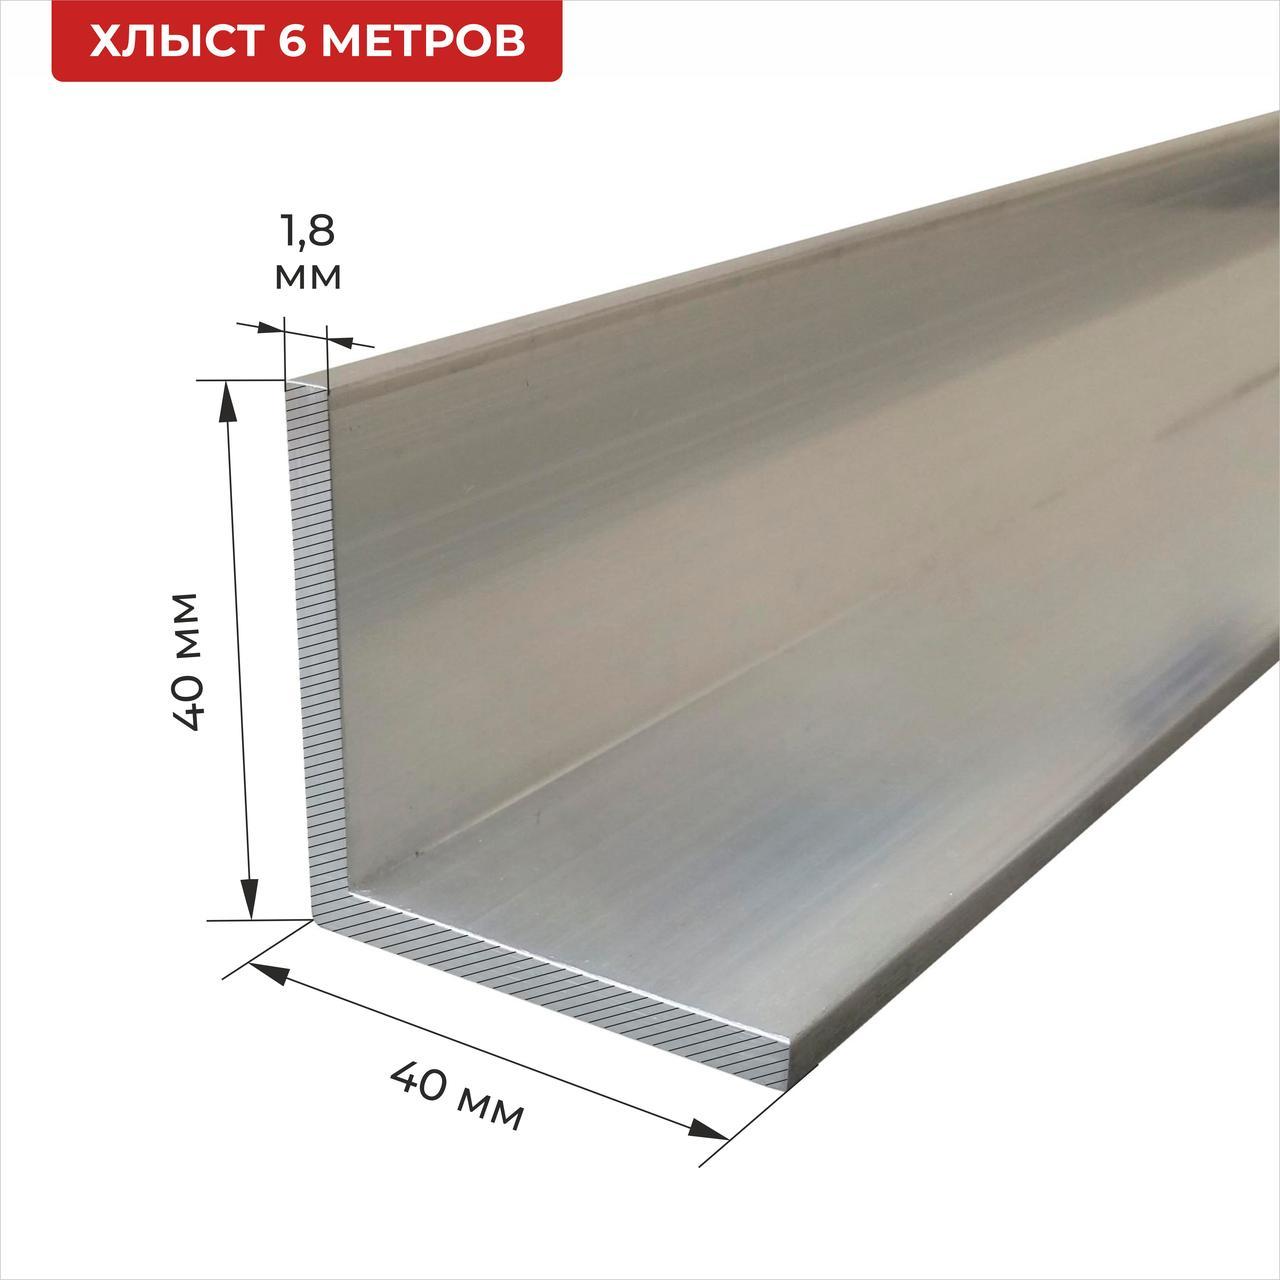 Уголок алюминиевый 40*40*1,8 6м